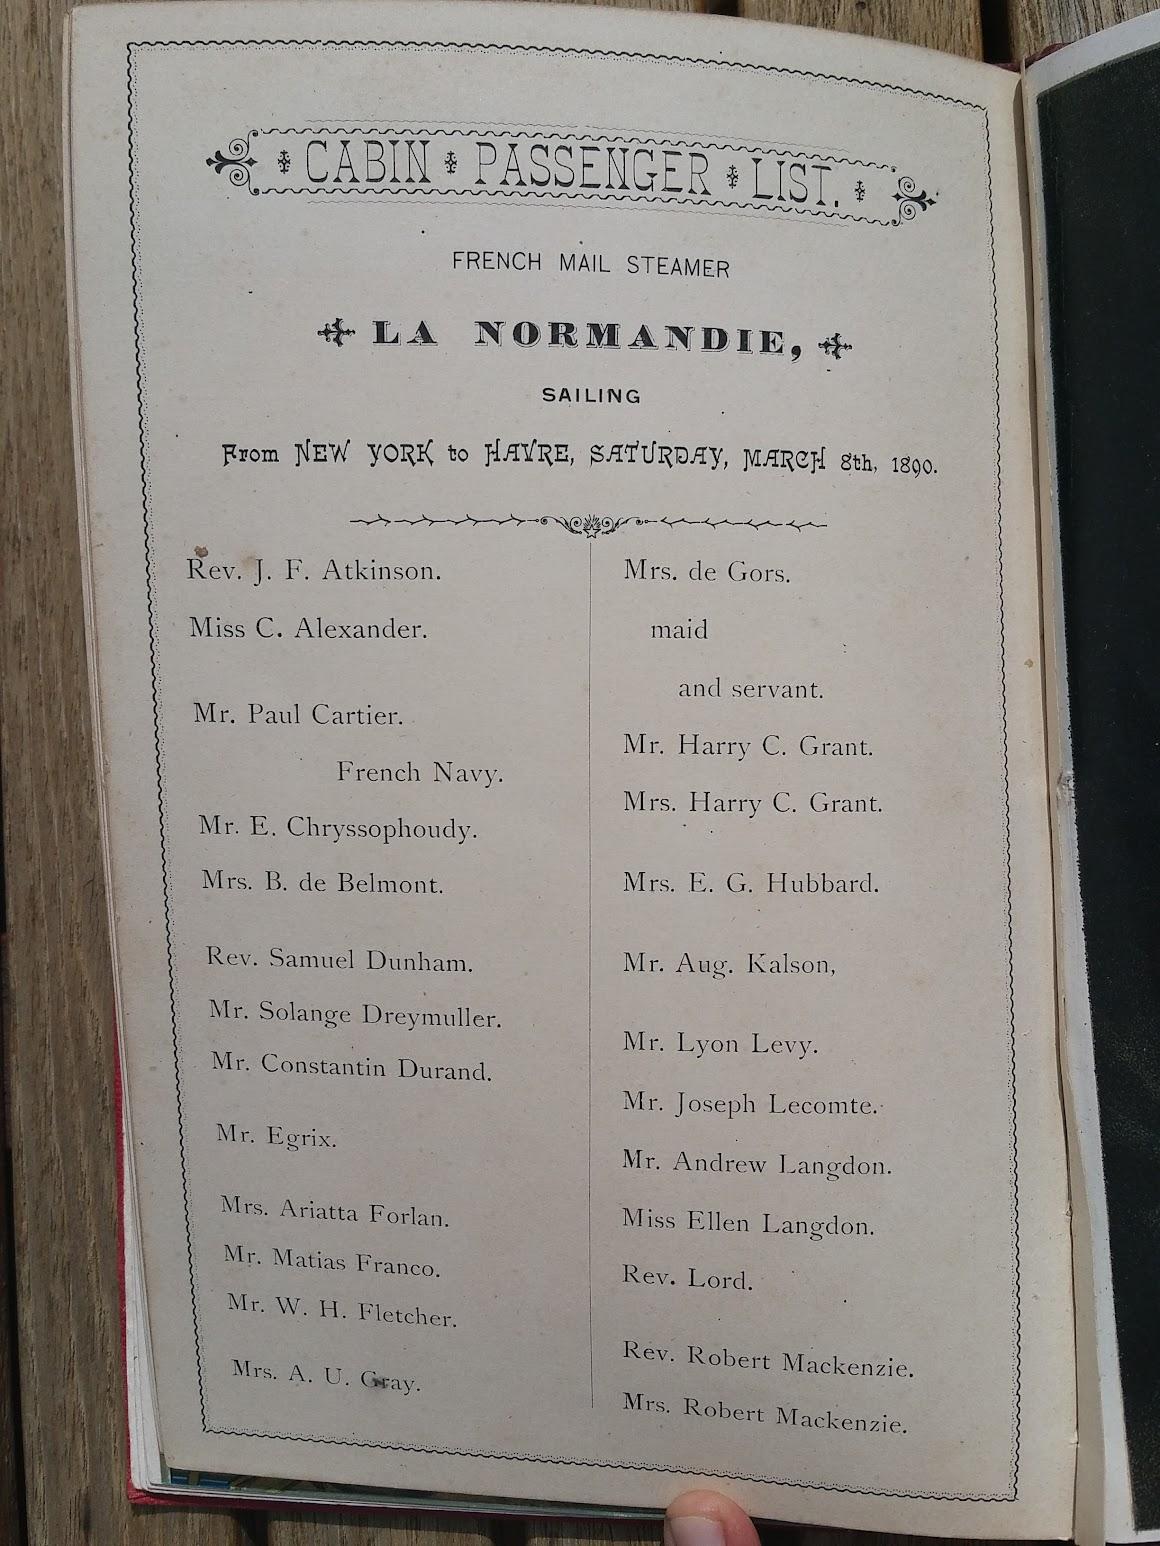 Compagnie Generale Transatlantique, New York - Le Havre - Paris, Passagierliste 1890 - La Normandie